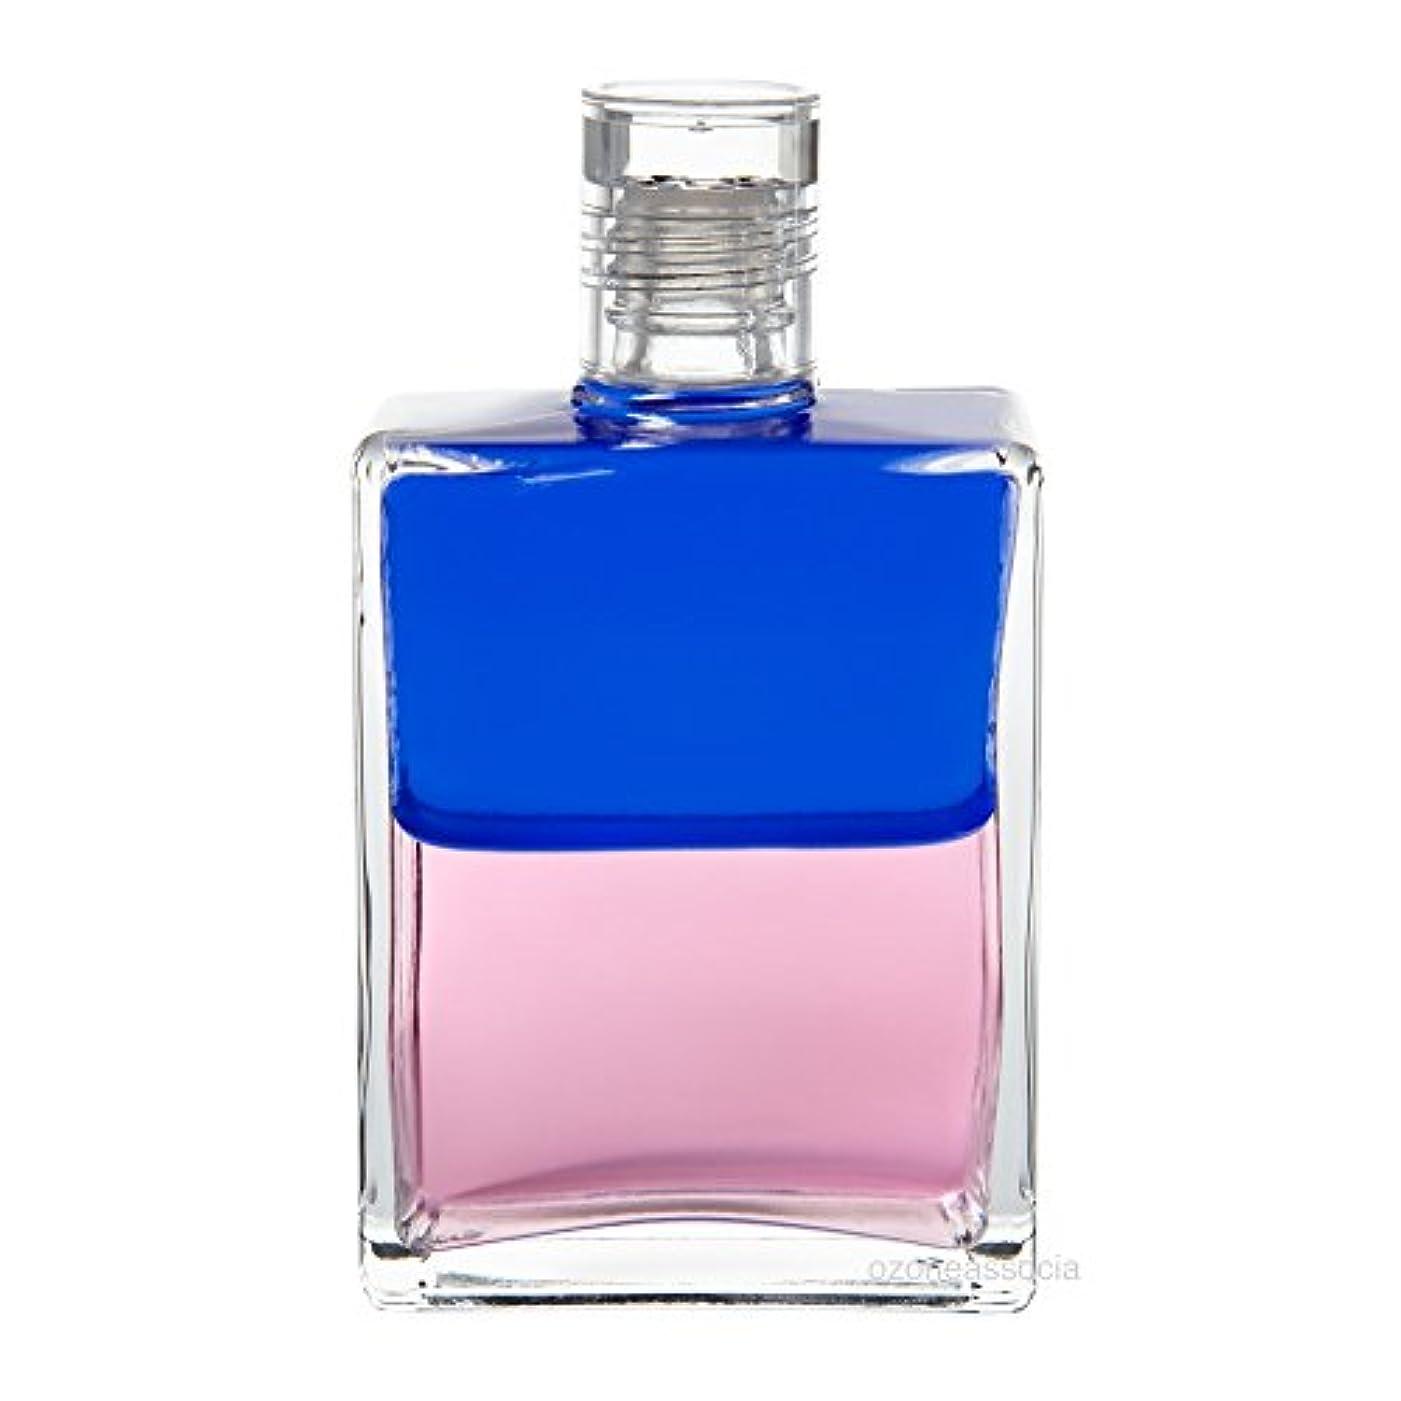 パントリー間違いれんがオーラソーマ ボトル 20番  チャイルドレスキュー/スターチャイルド (ブルー/ピンク) イクイリブリアムボトル50ml Aurasoma